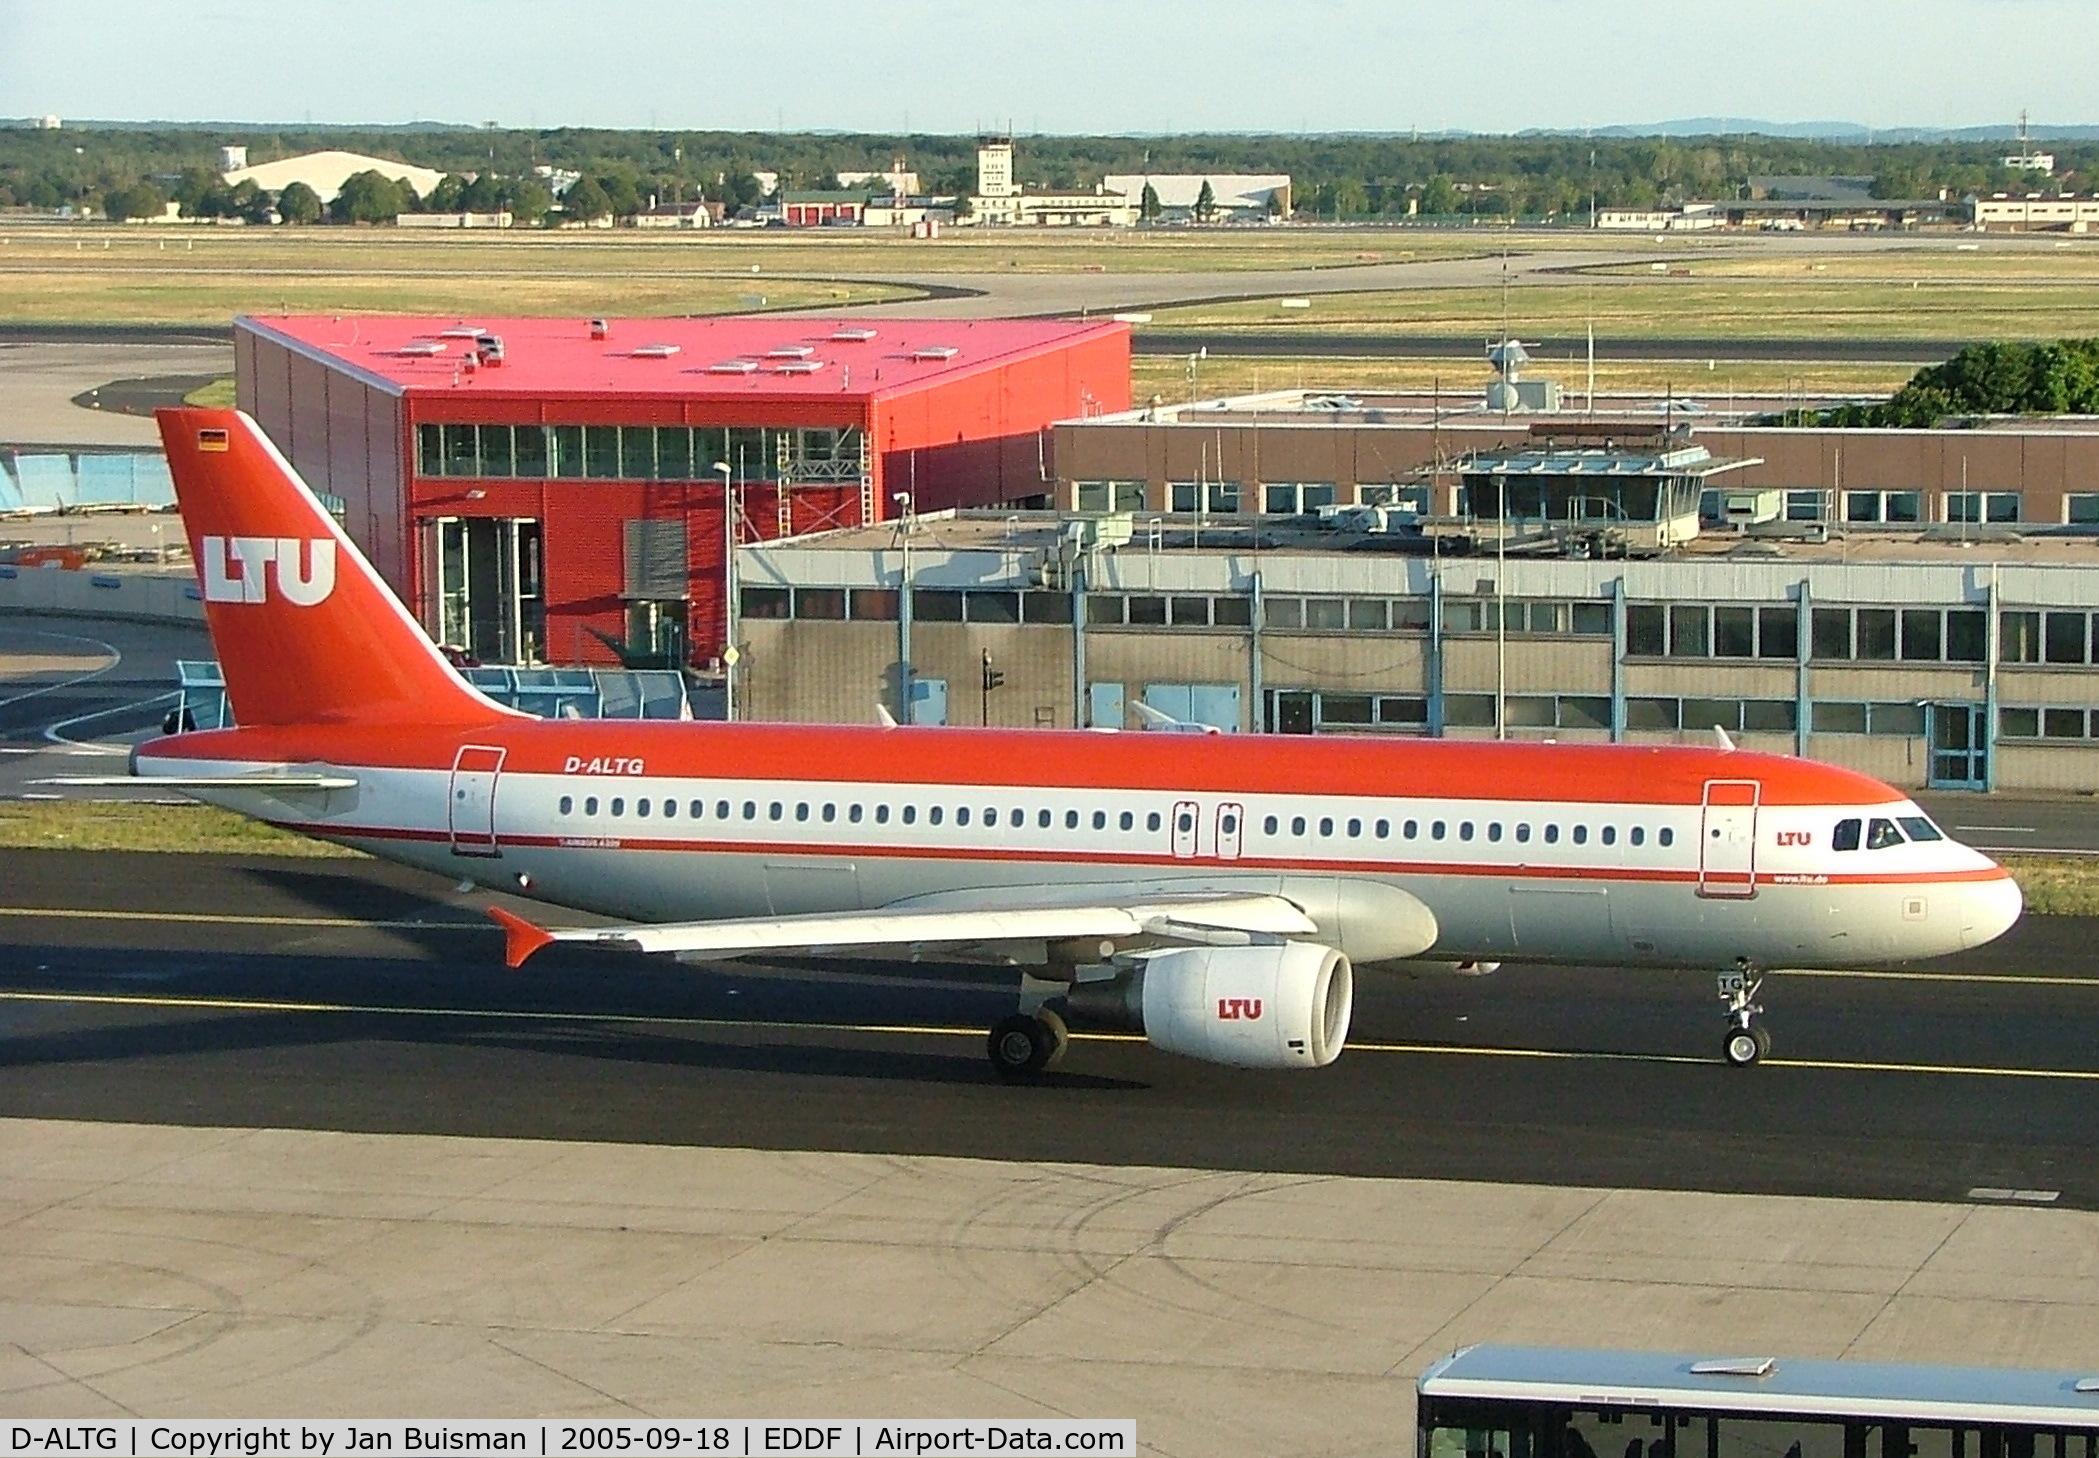 D-ALTG, 2002 Airbus A320-214 C/N 1762, LTU